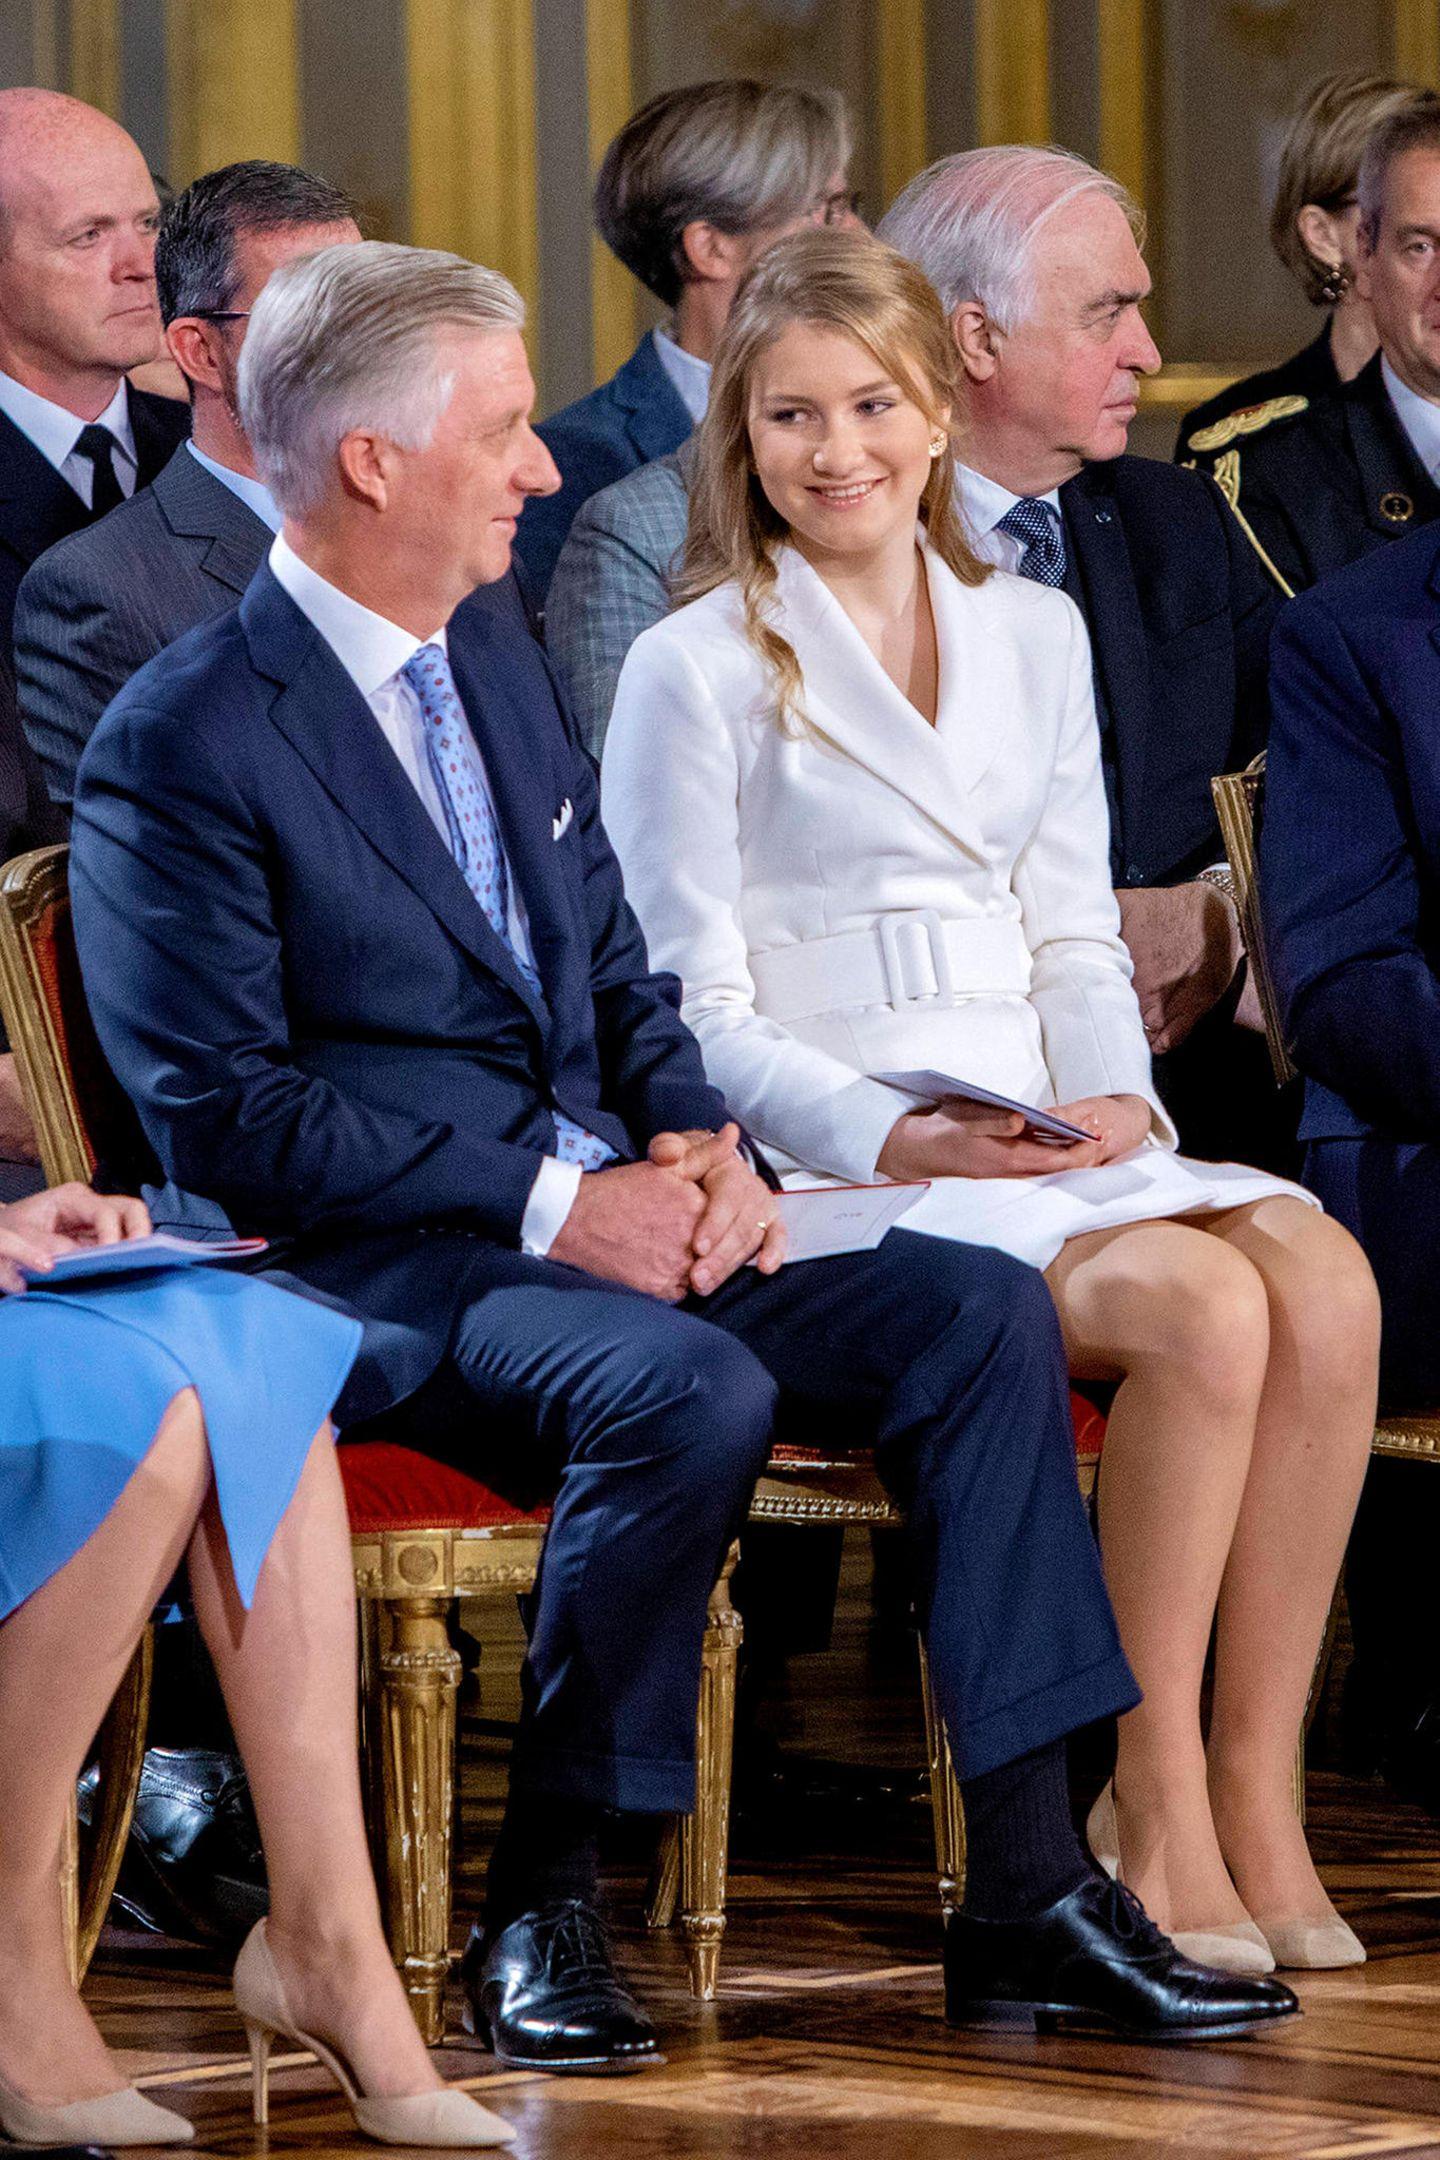 Freudig und ein wenig aufgeregt wirkt die Kronprinzessin an der Seite ihres Vaters.